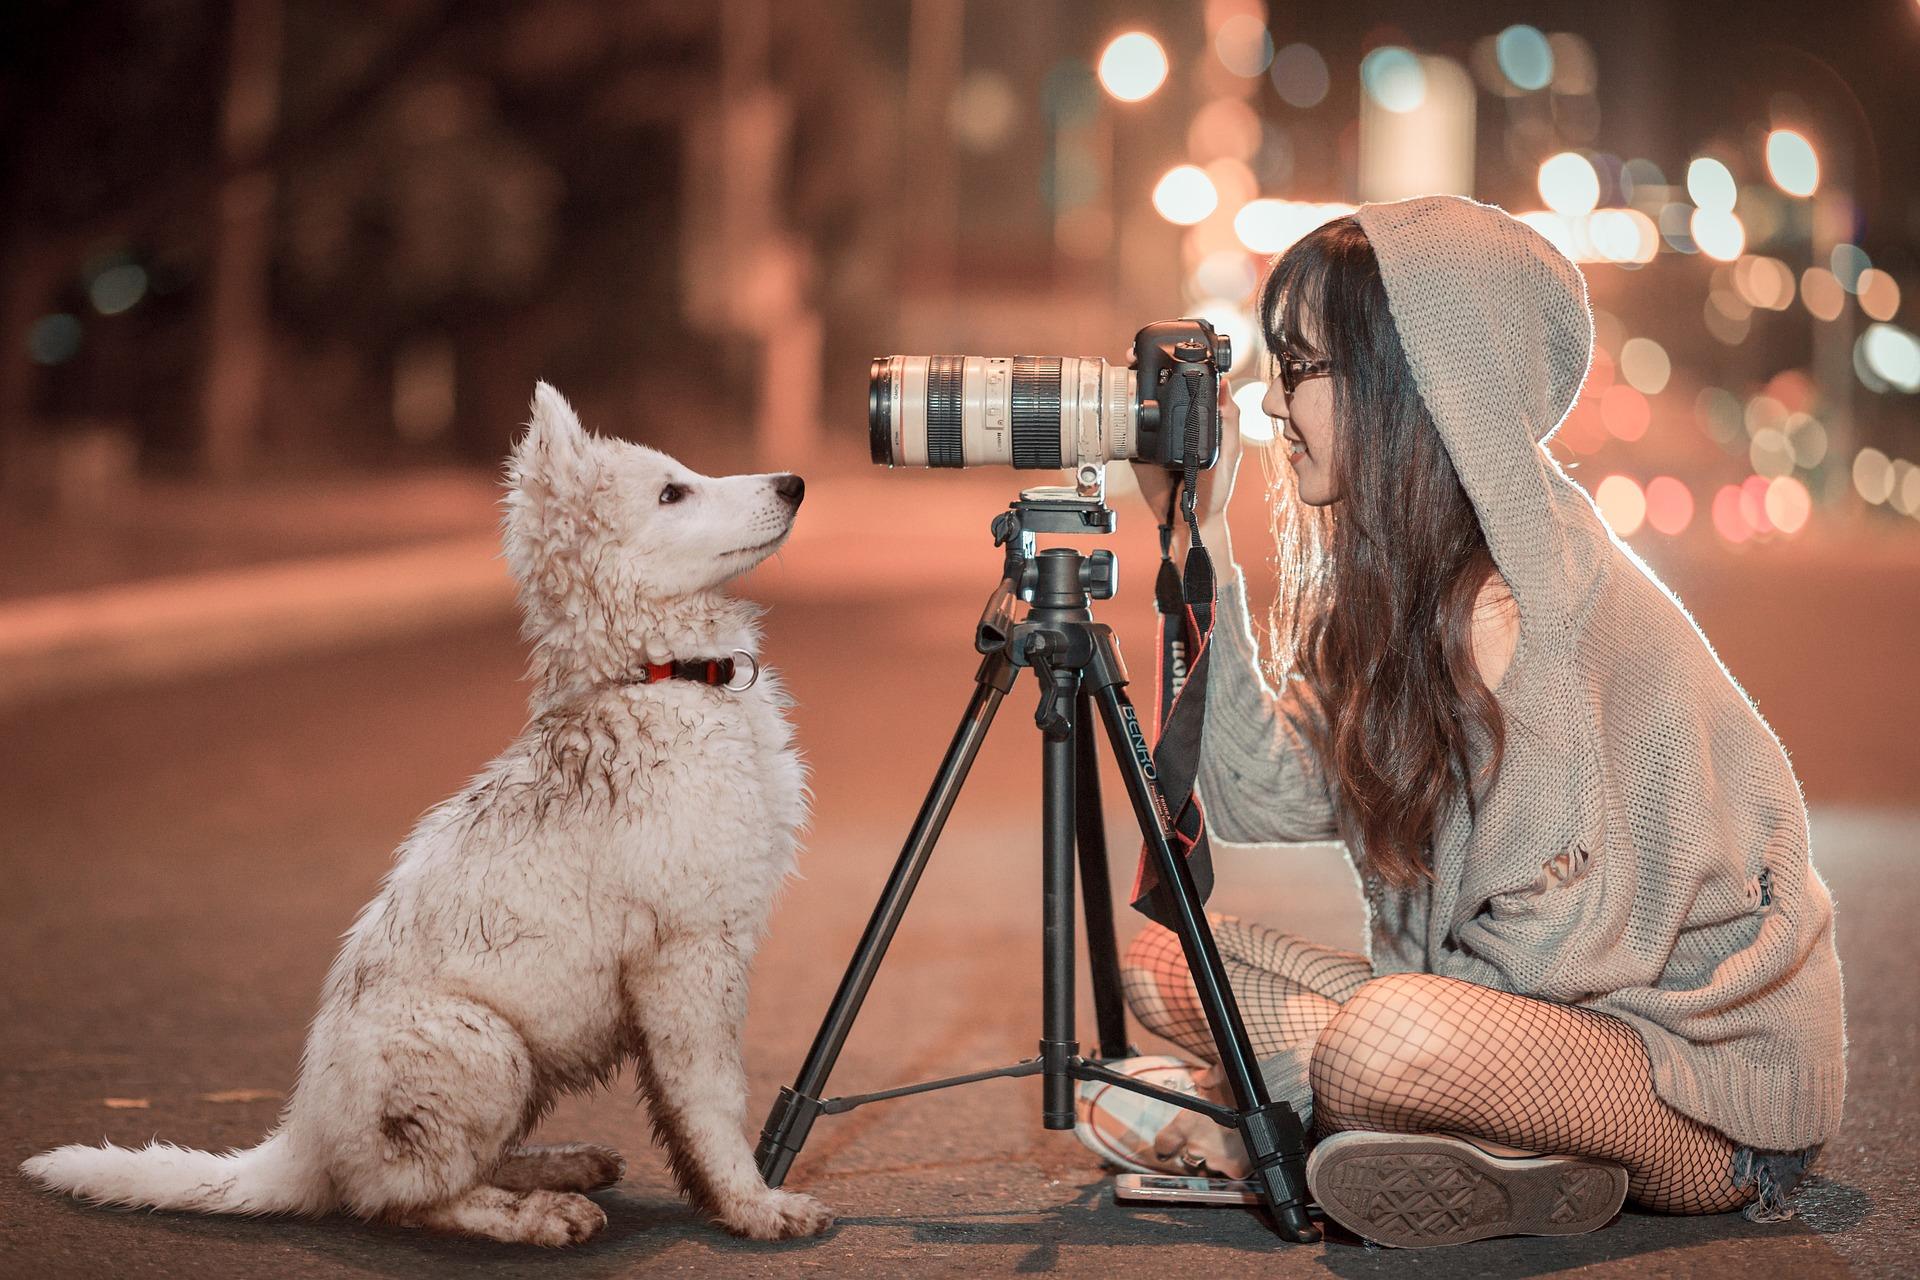 puppy-3688871_1920.jpg